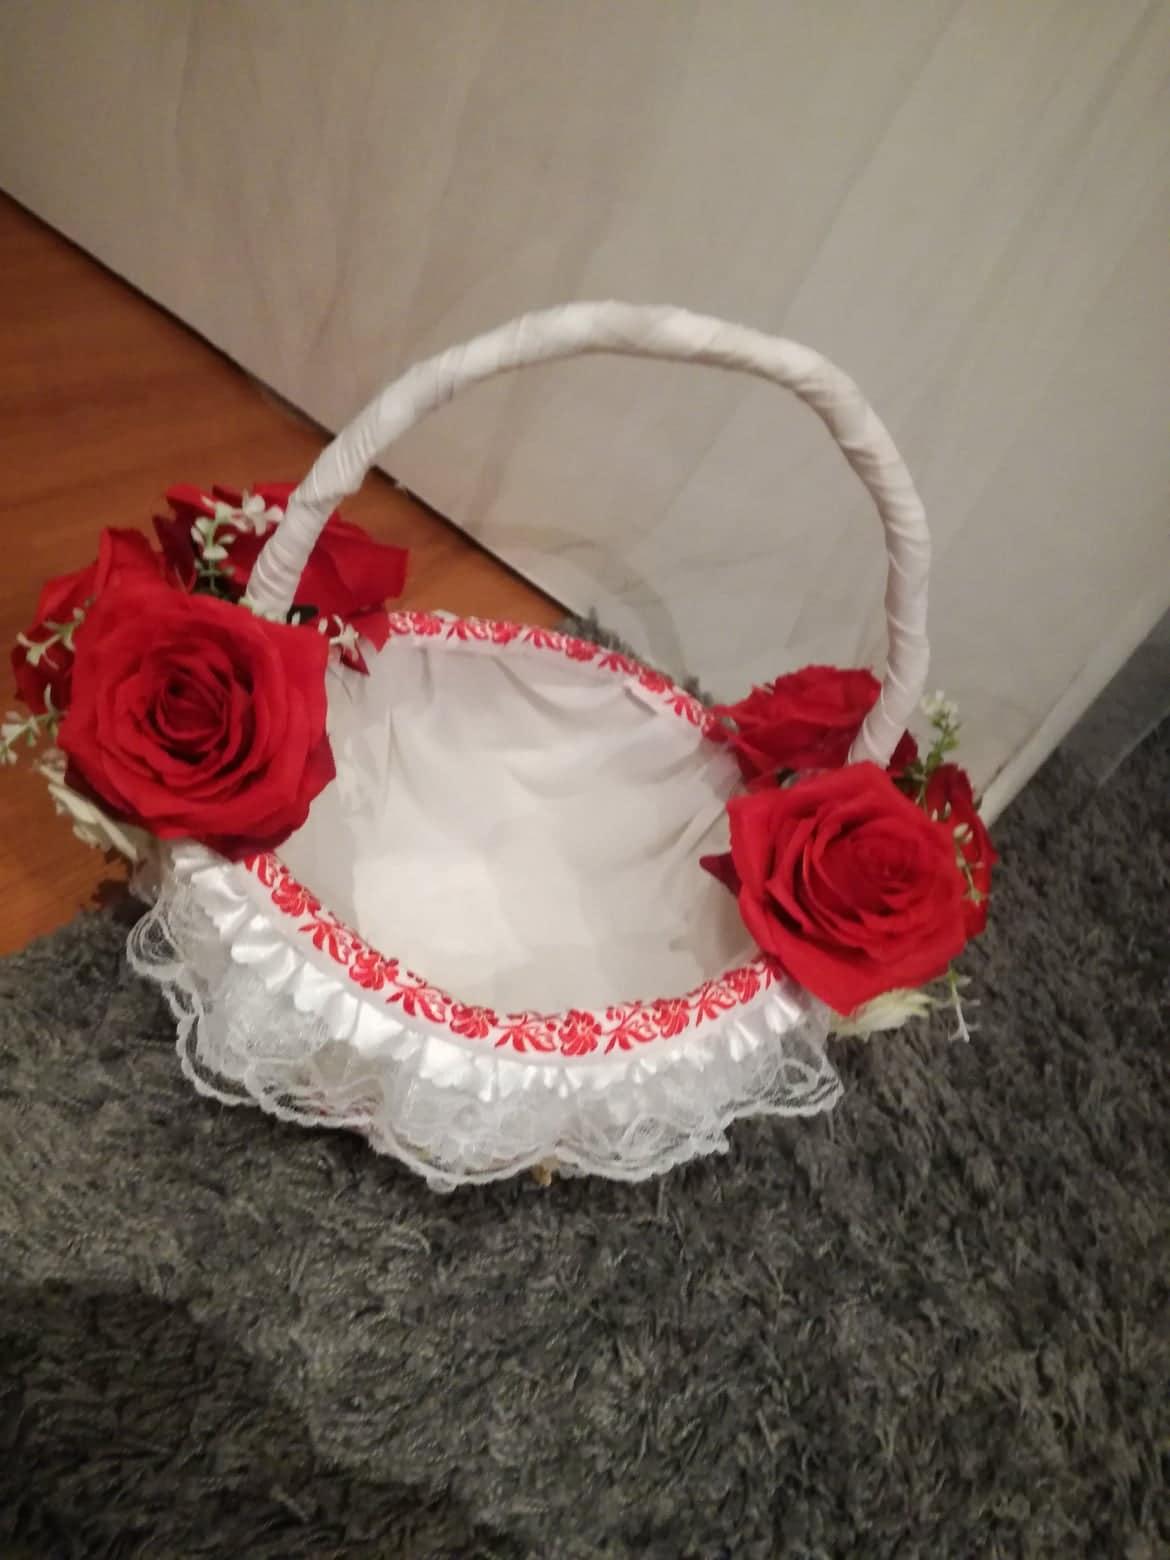 Šaty na redový tanec - Obrázok č. 4